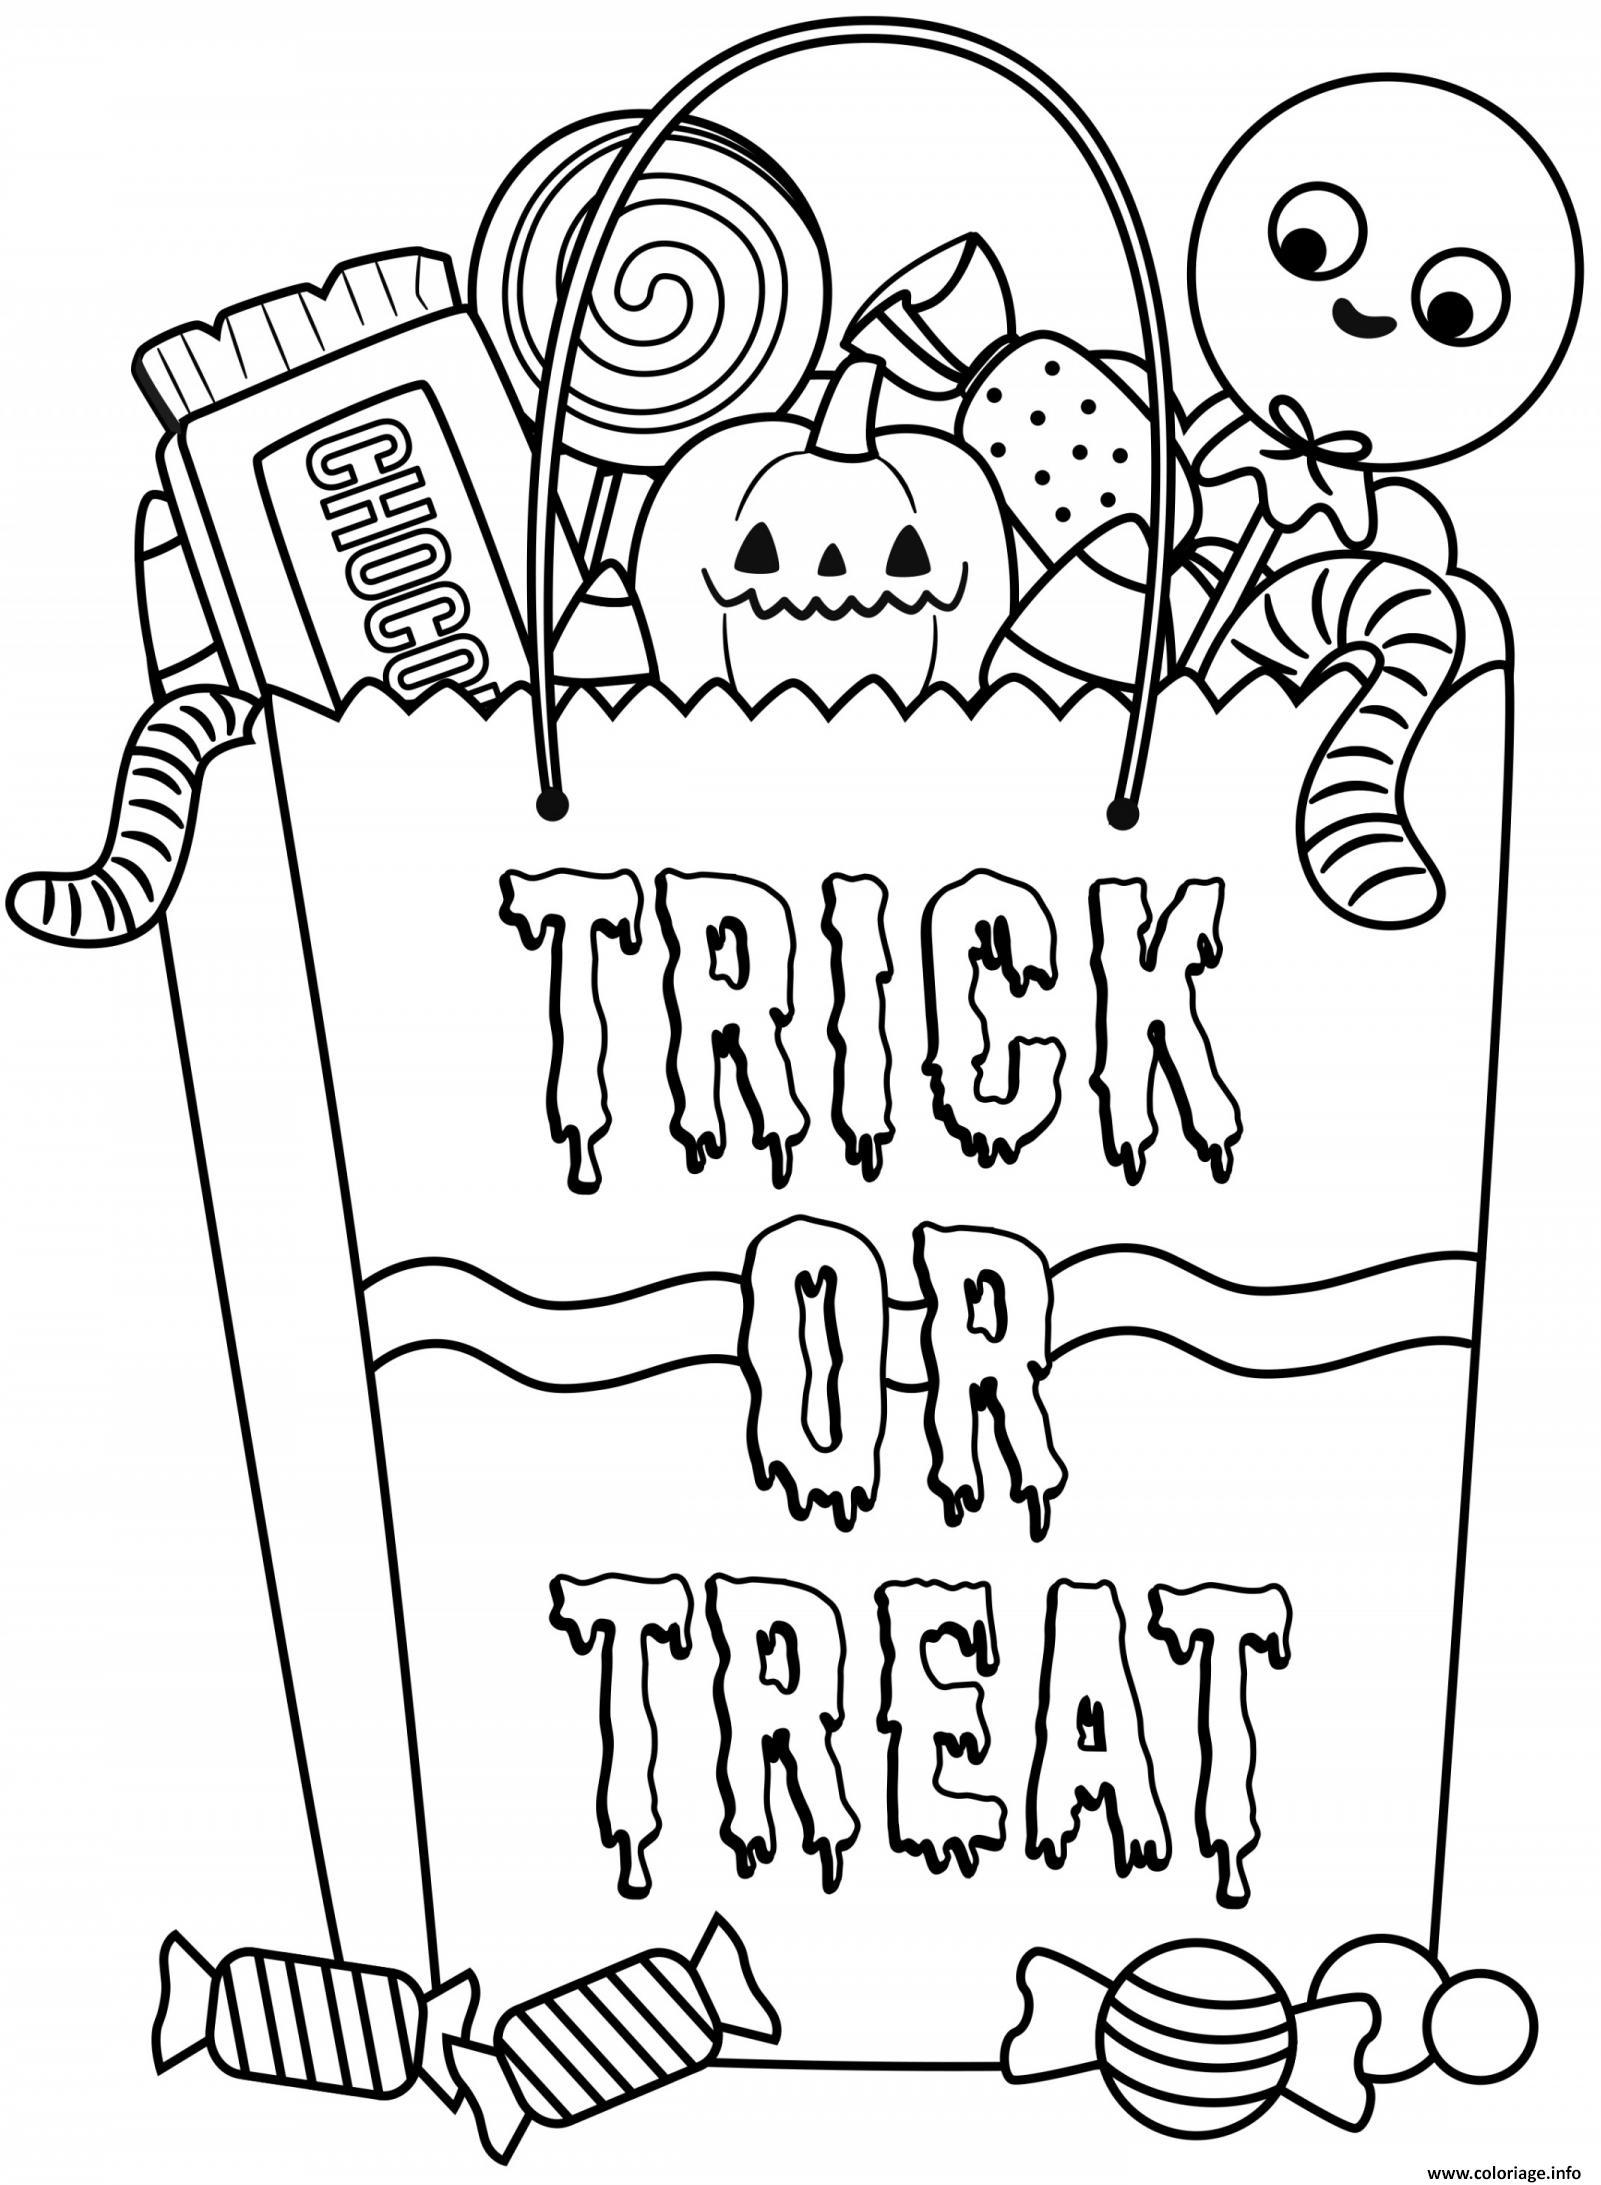 Dessin Halloween sac de friandises Coloriage Gratuit à Imprimer